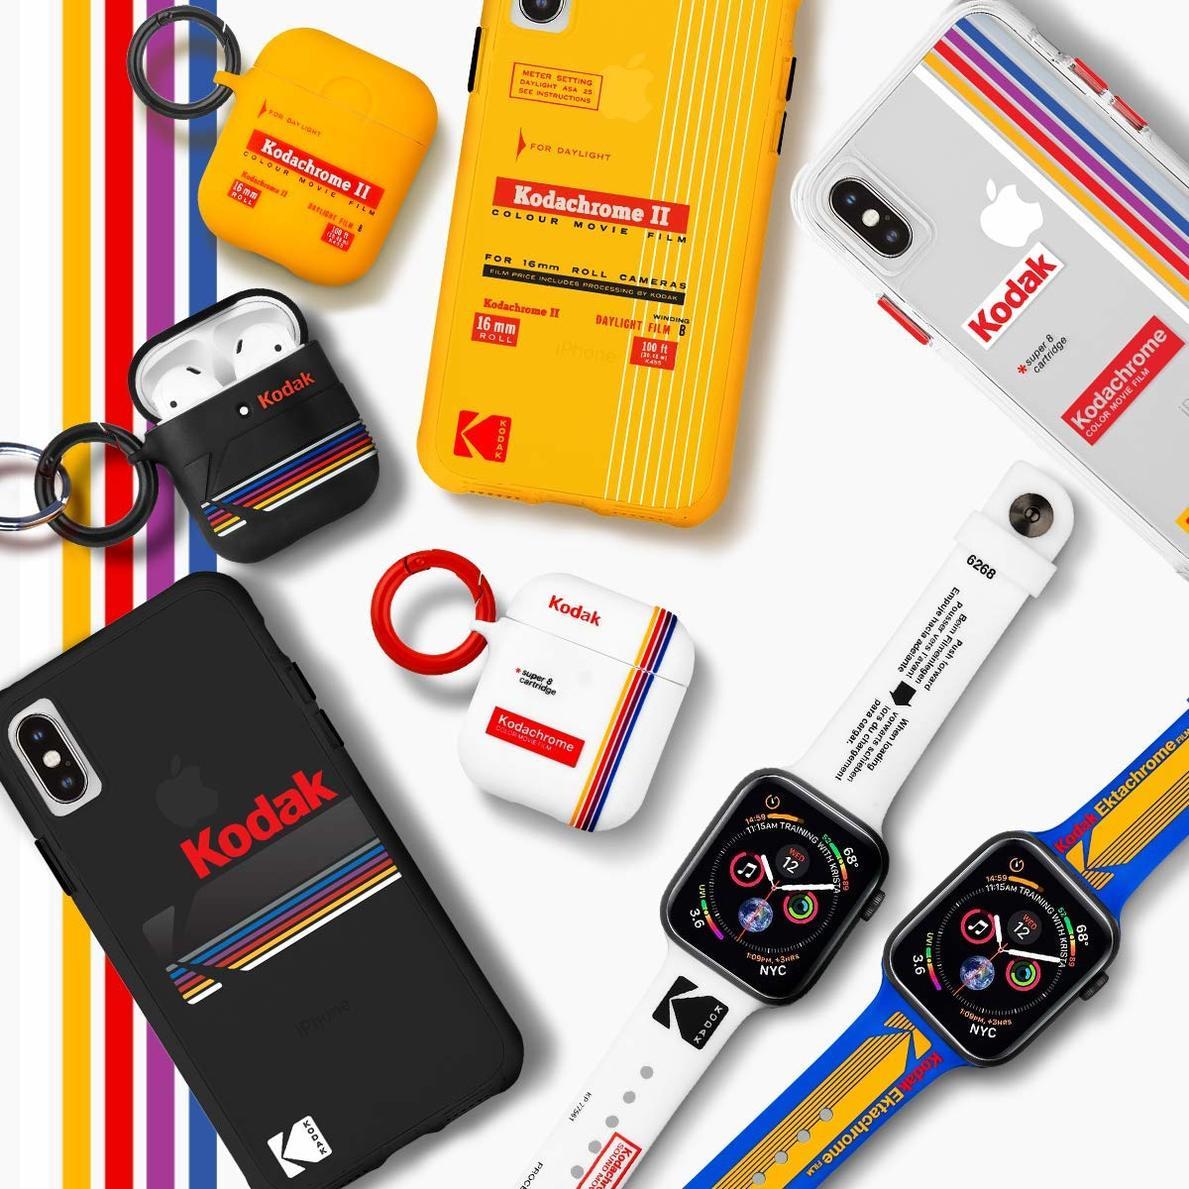 KodakのiPhoneケースにAir Podsケース…!? いやいやいや、これはかわいすぎるでしょ…